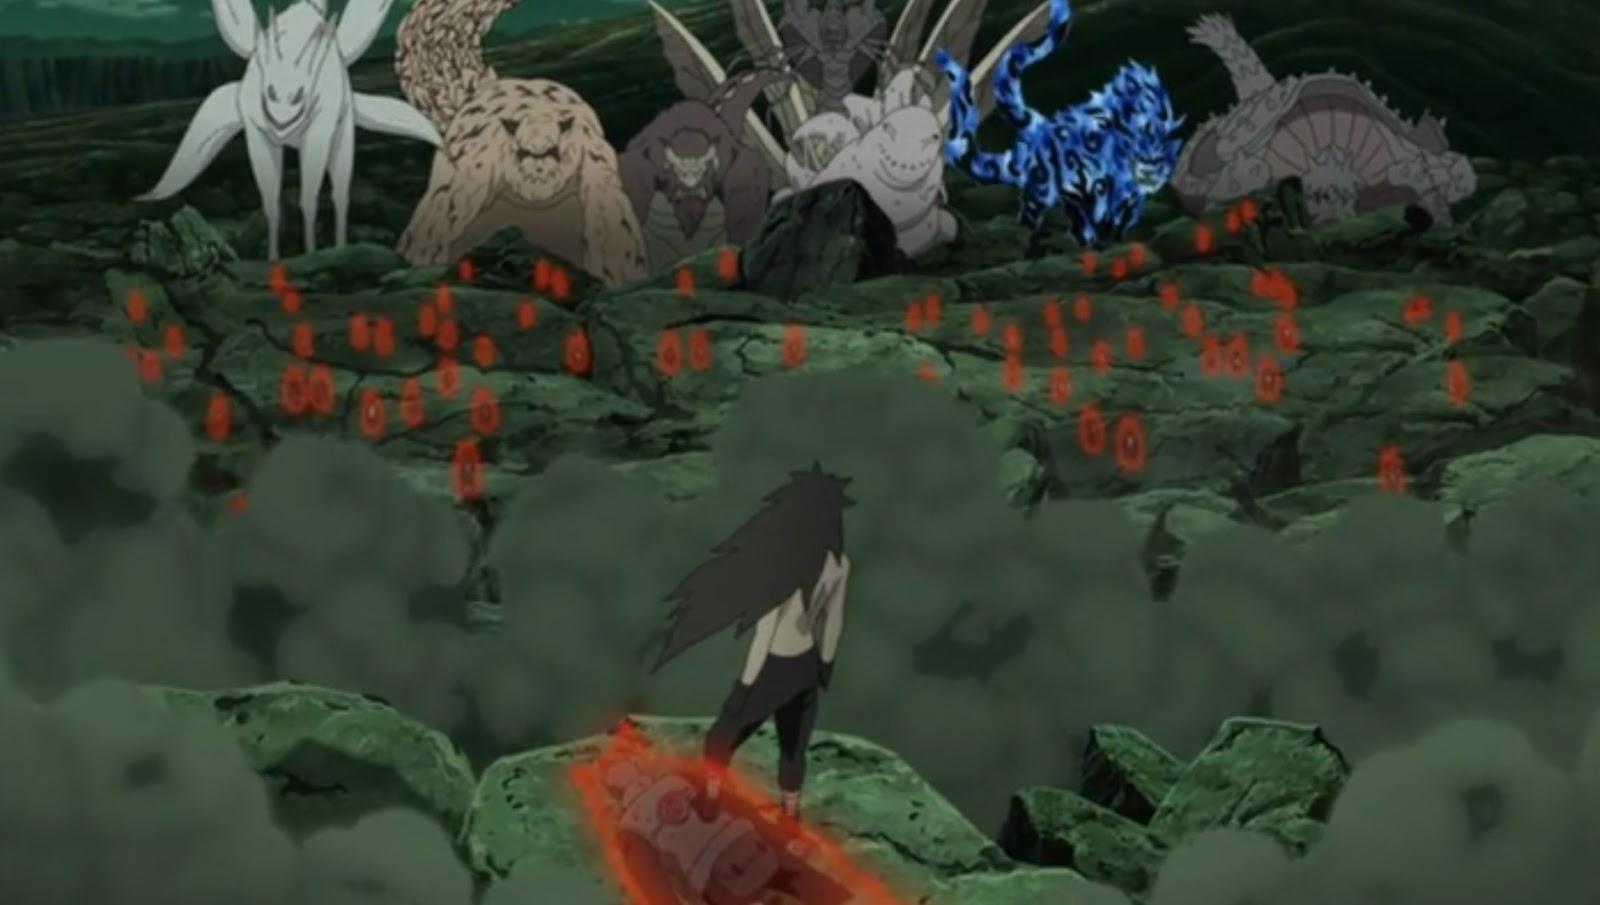 Naruto Shippuden: Episódio 391 – A Ascensão de Madara